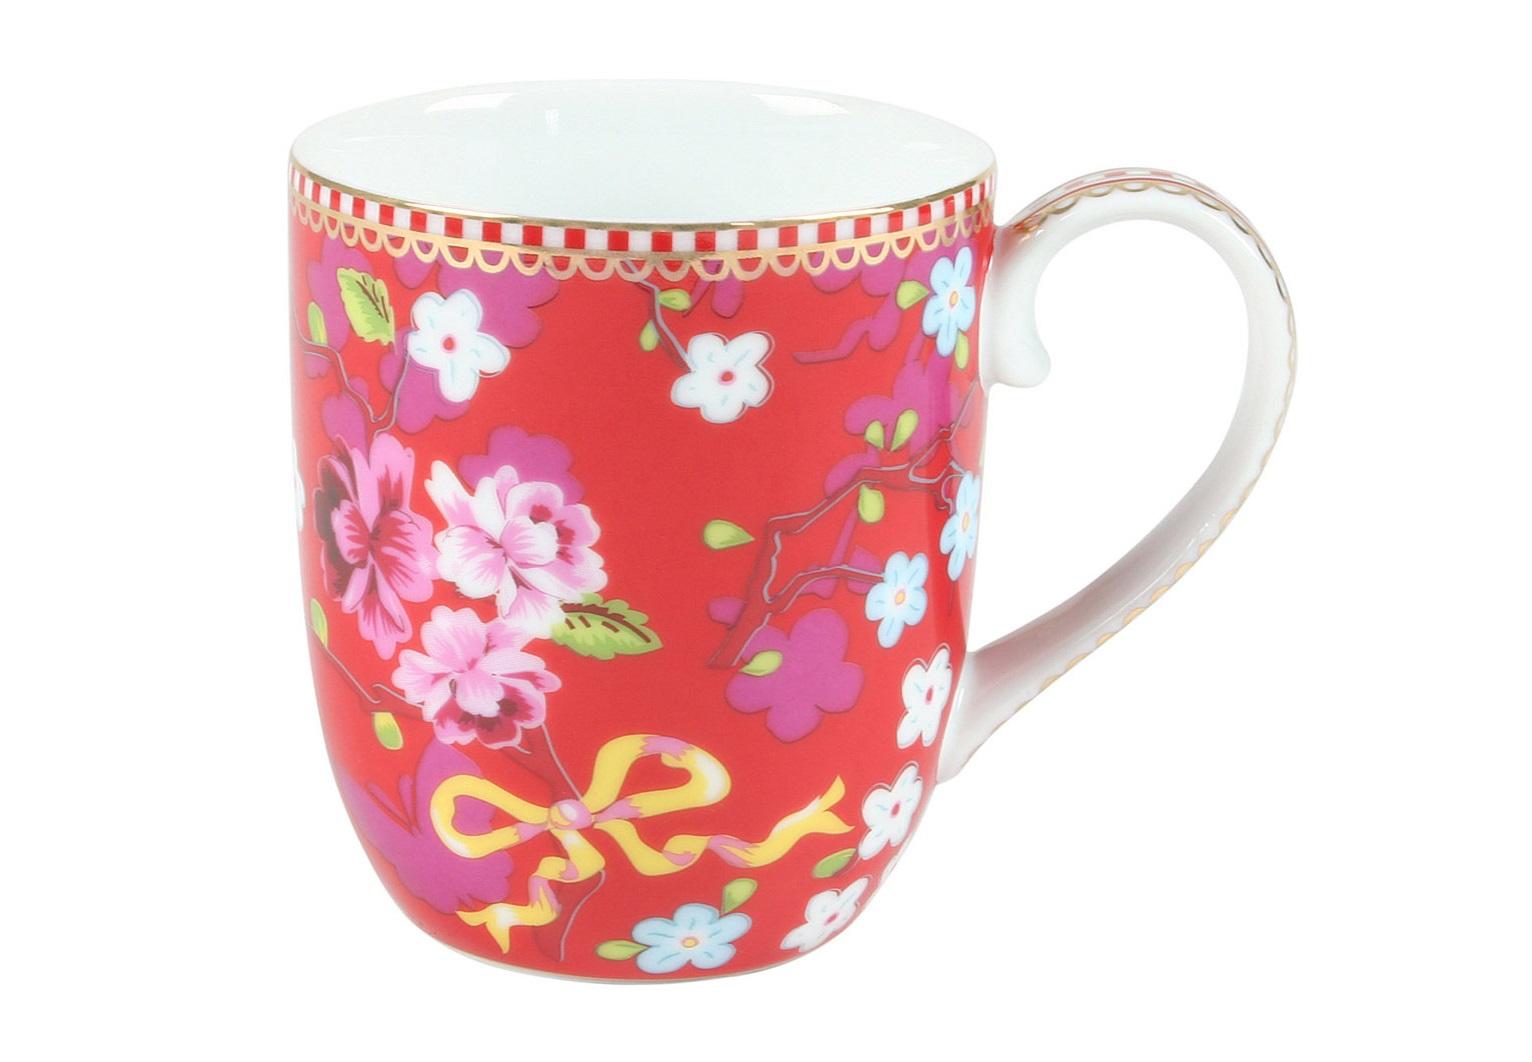 Набор маленьких кружек Floral Chinese Rose (2шт)Чайные пары, чашки и кружки<br>Объём 145 мл. Не использовать в микроволновой печи. Не рекомендуется мыть в посудомоечной машине.<br><br>Material: Фарфор<br>Высота см: 8